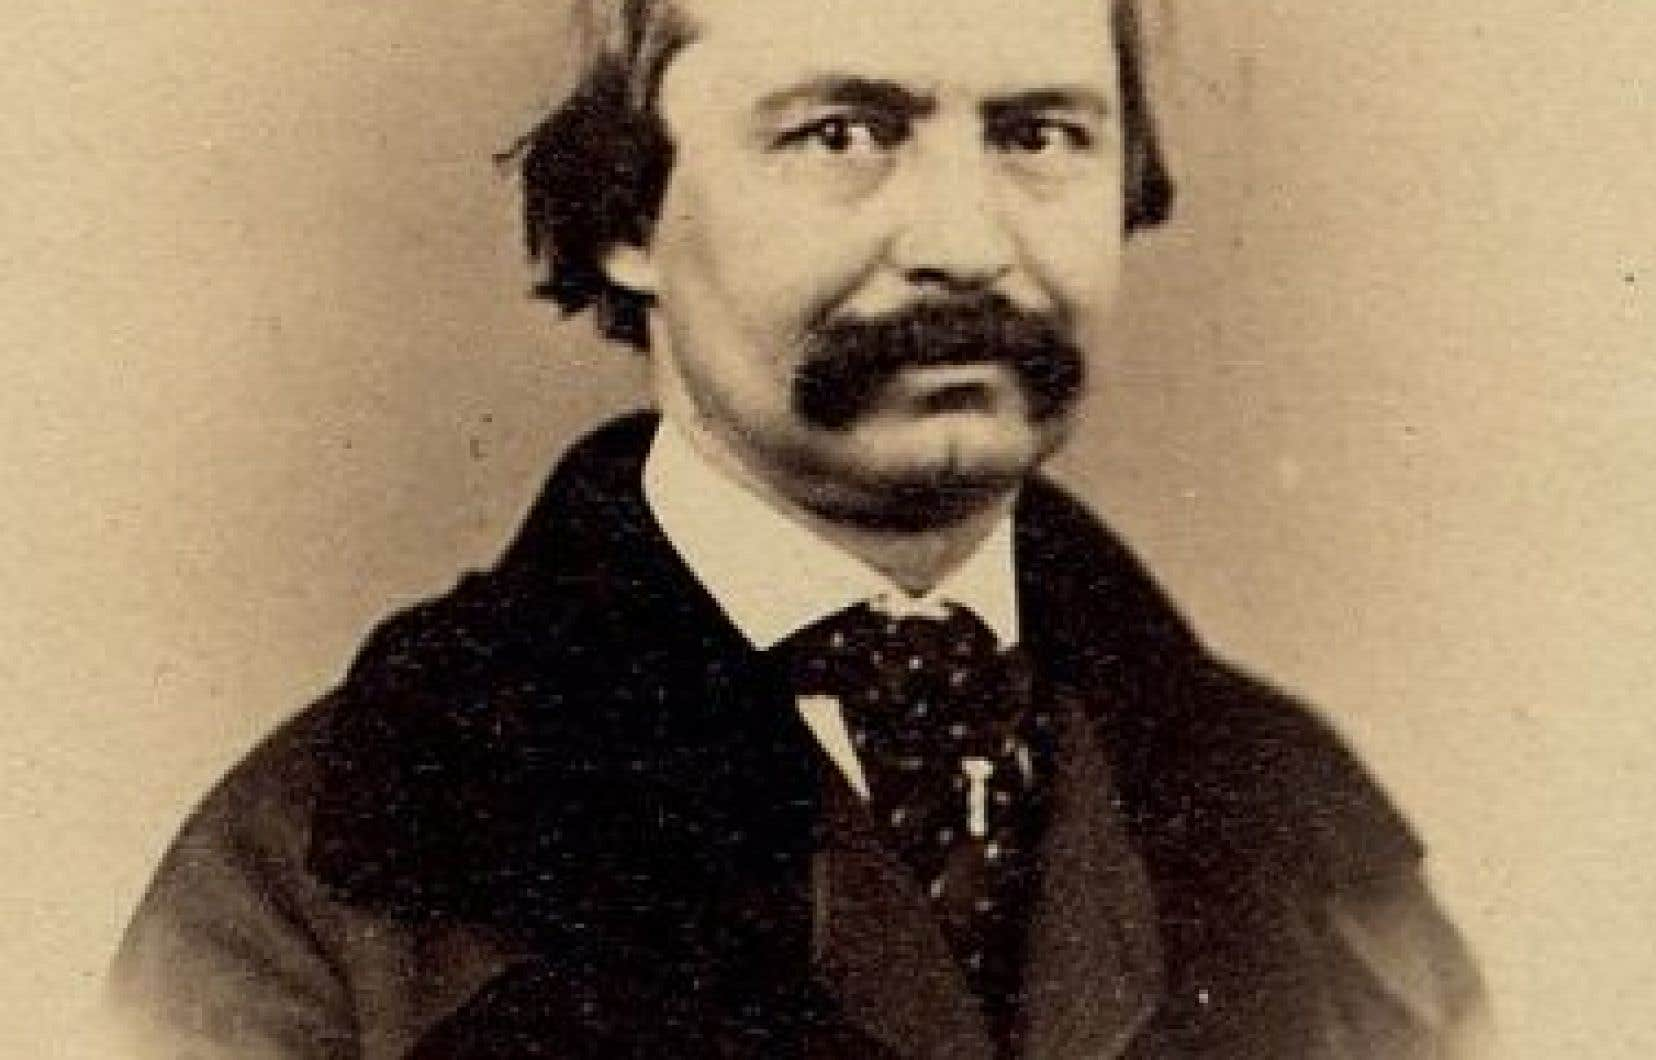 Fou de modernité, Louis-Antoine Dessaulles (1818-1895), cet ancien seigneur libéral, se demande en 1881 ce qu'il adviendra de ses projets d'inventions techniques.